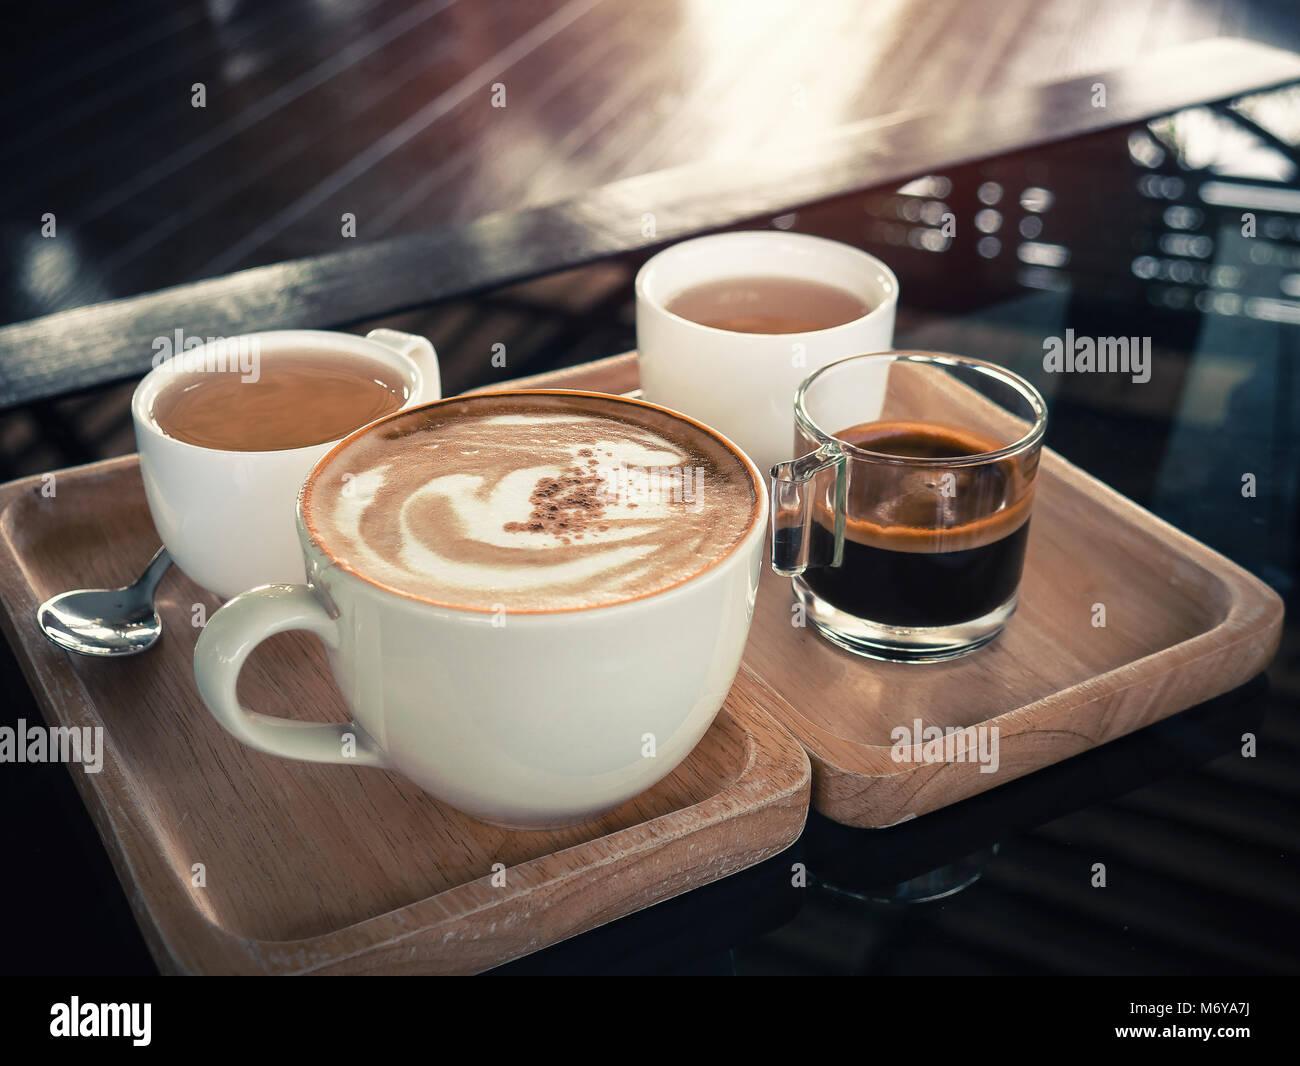 Tazze di cappuccino su sfondo di legno.verde tazze di ceramica.tono vintage stile colori.tazza di caffè concetto. Immagini Stock